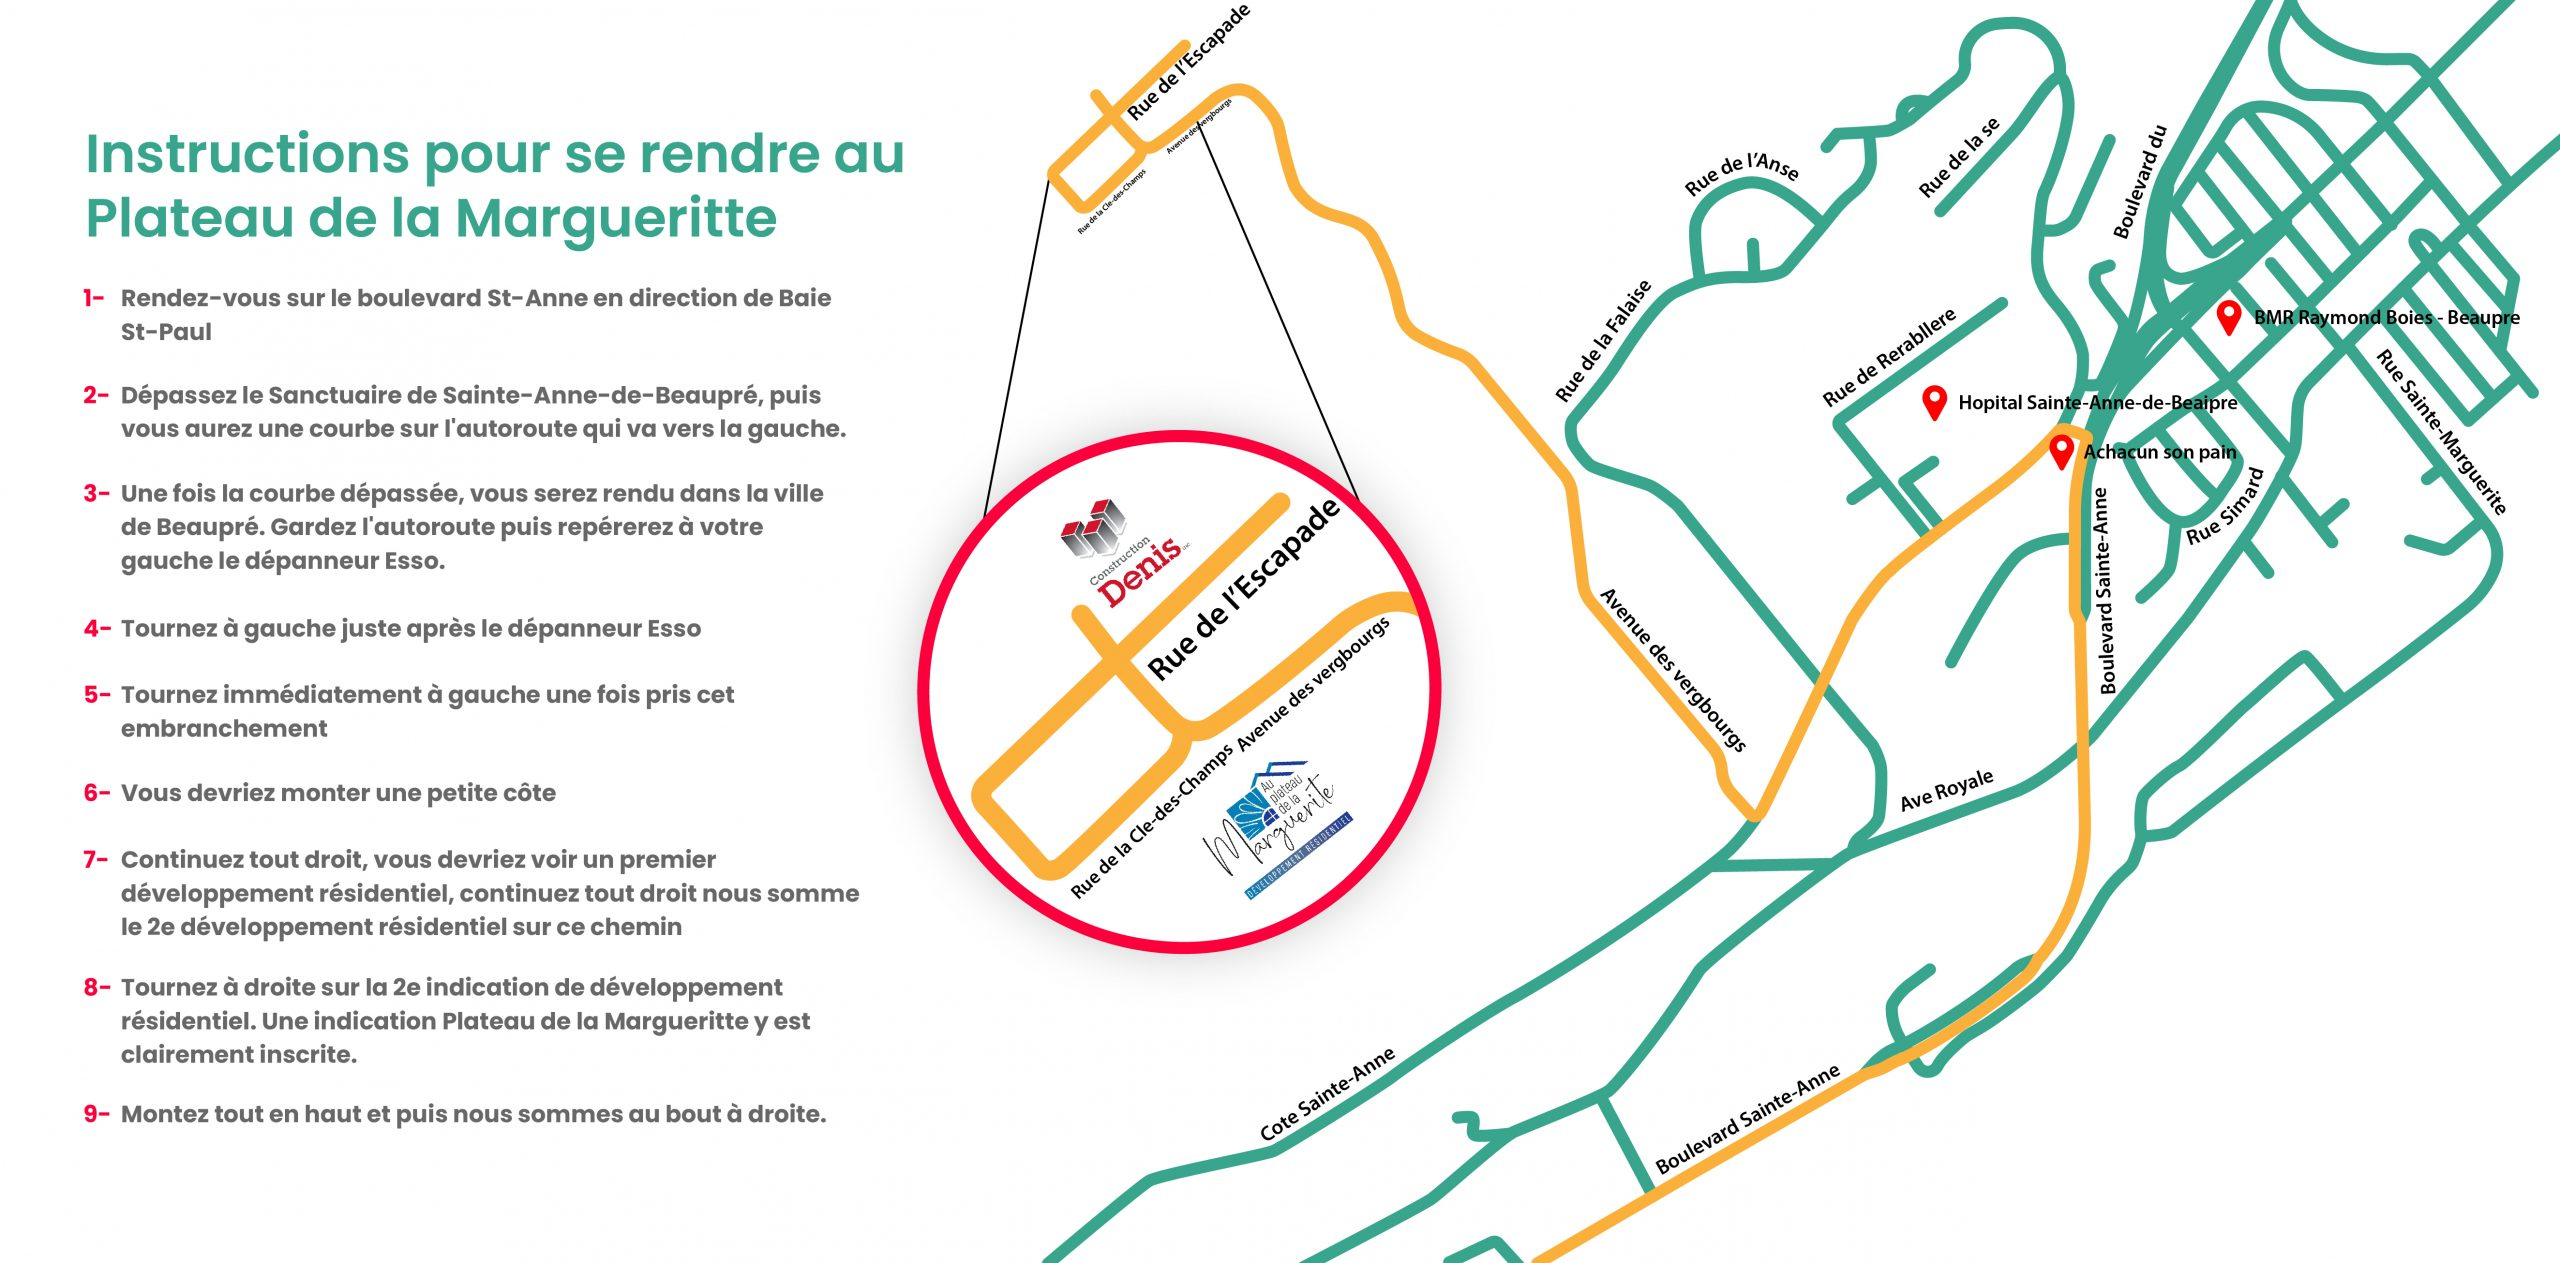 Plan Plateau de la Marguerite